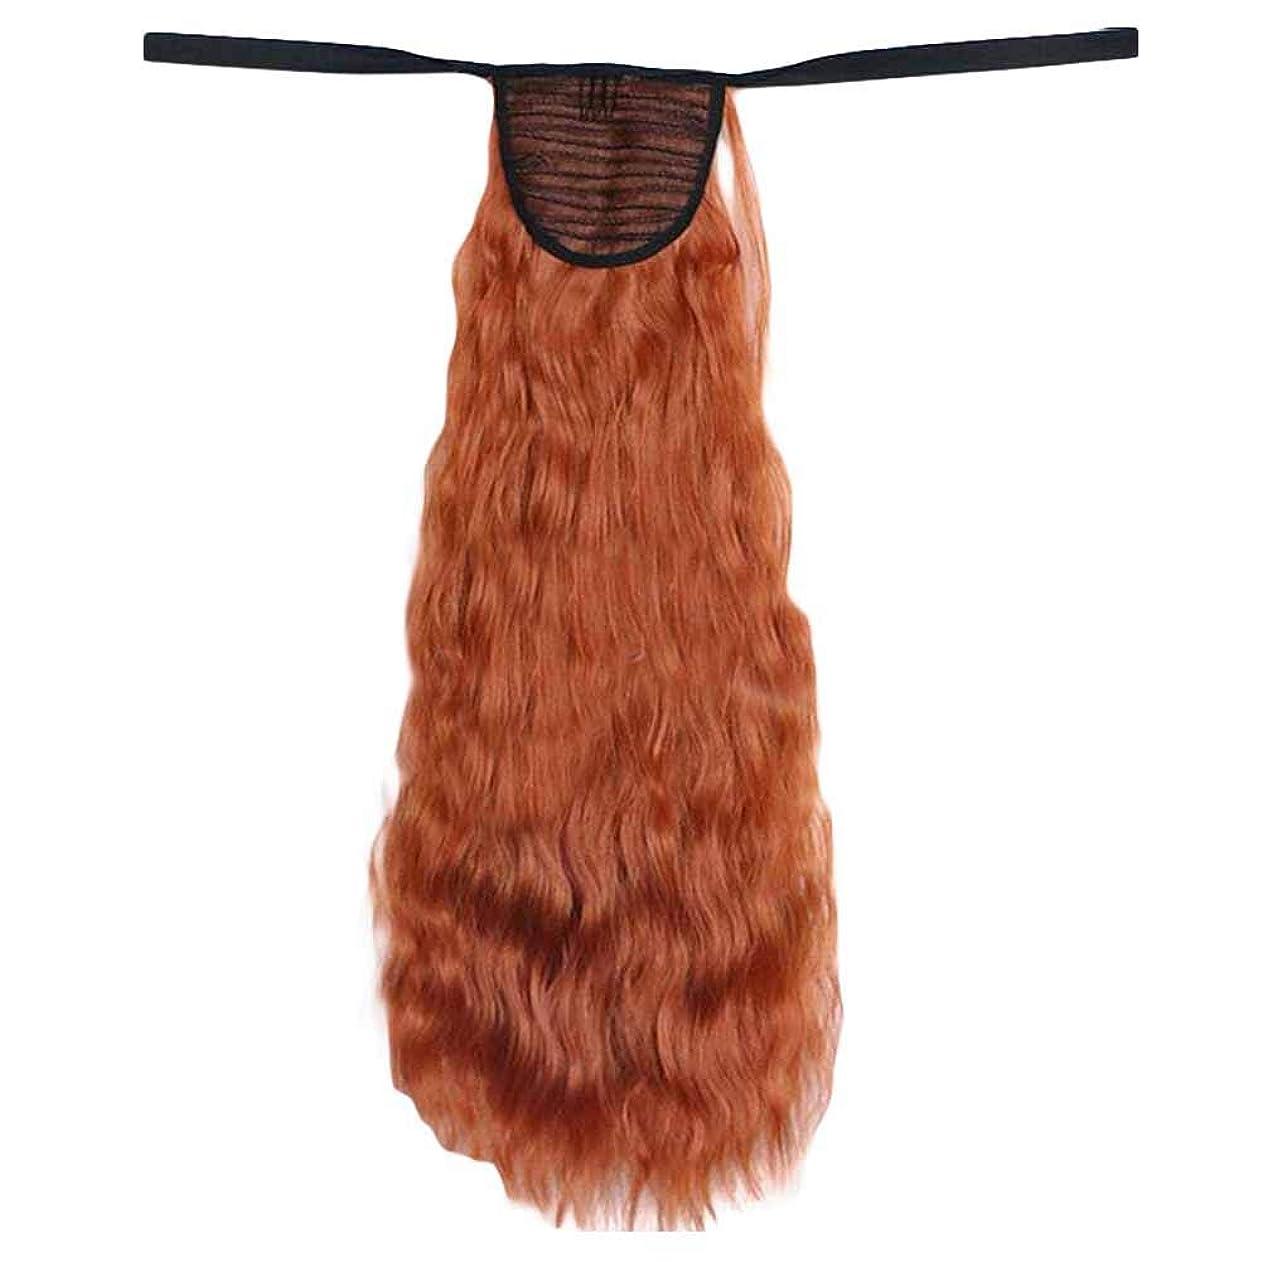 差別的うん監査赤い髪50センチメートル長いカーリーヘアウィッグ合成ヘアウィッグヘアエクステンションポニーテール